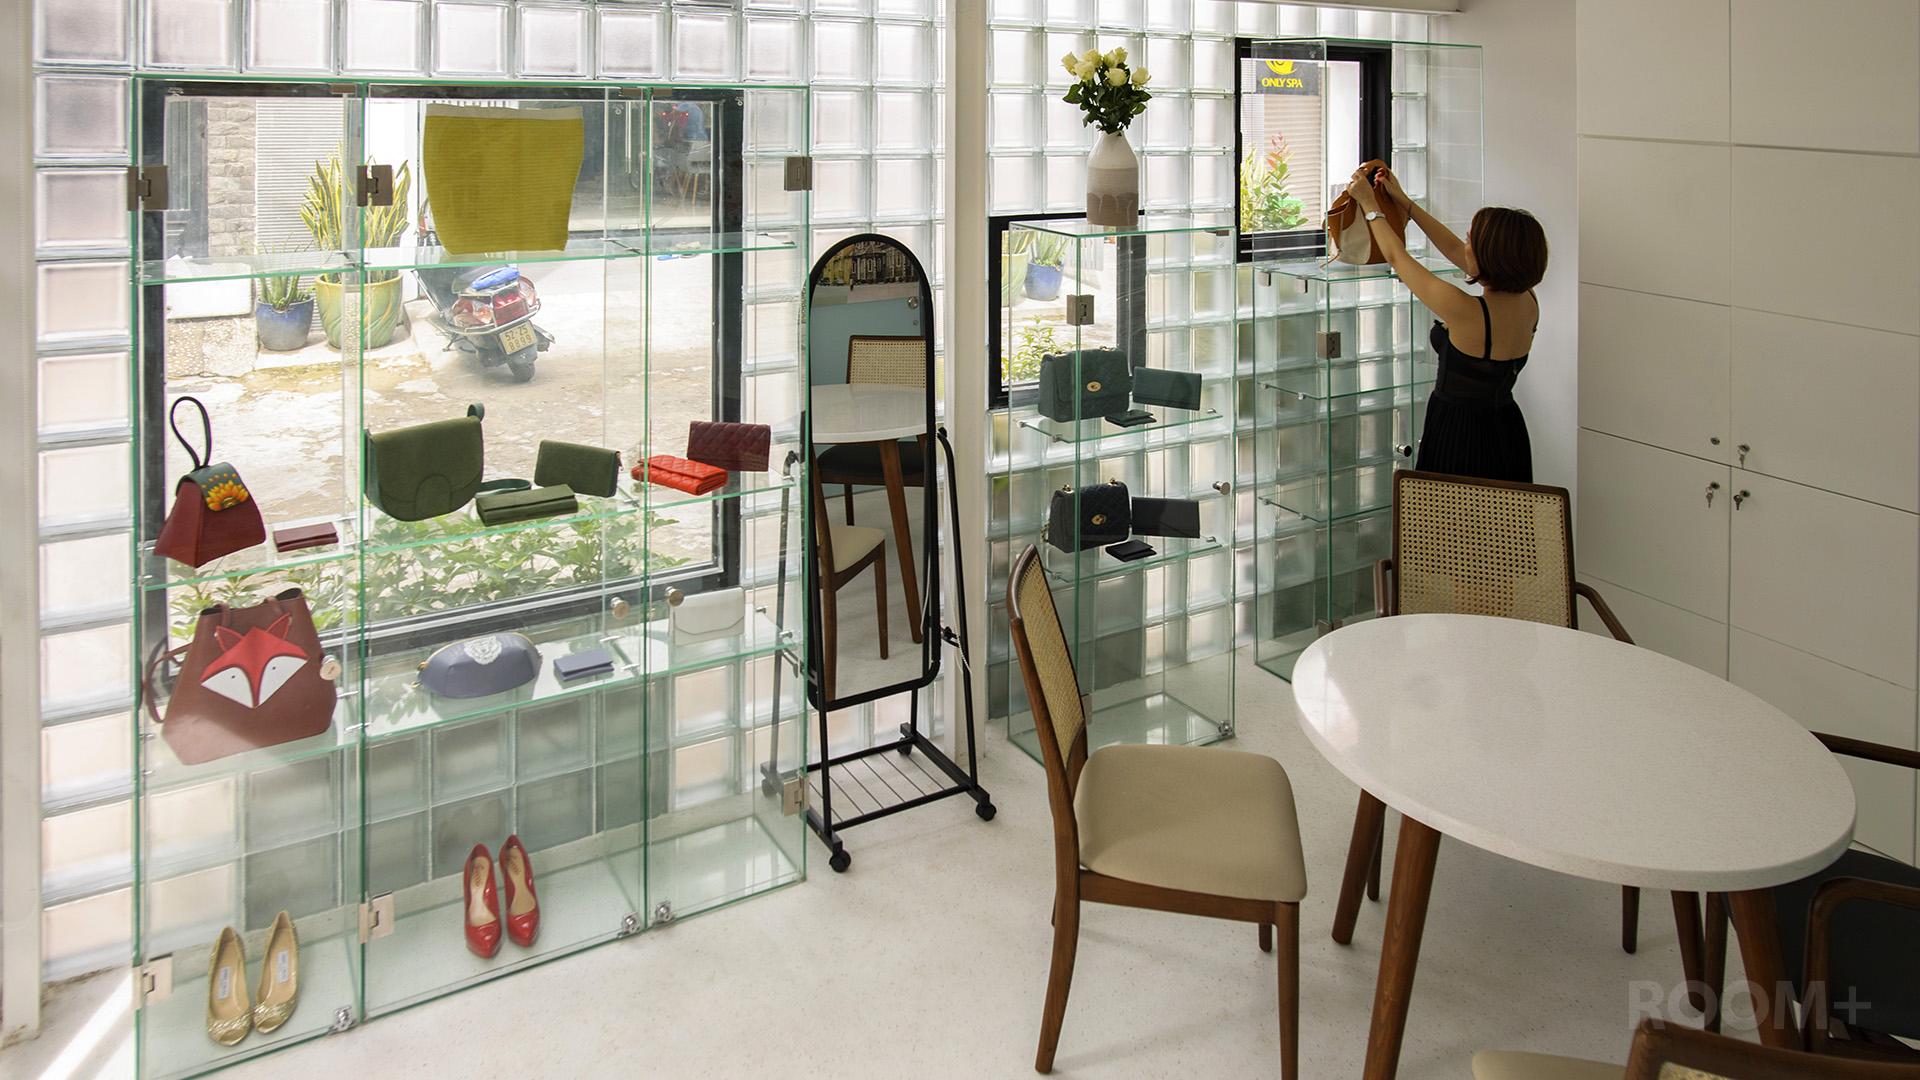 Shop đẹp - Nhà gạch kính - ROOM+